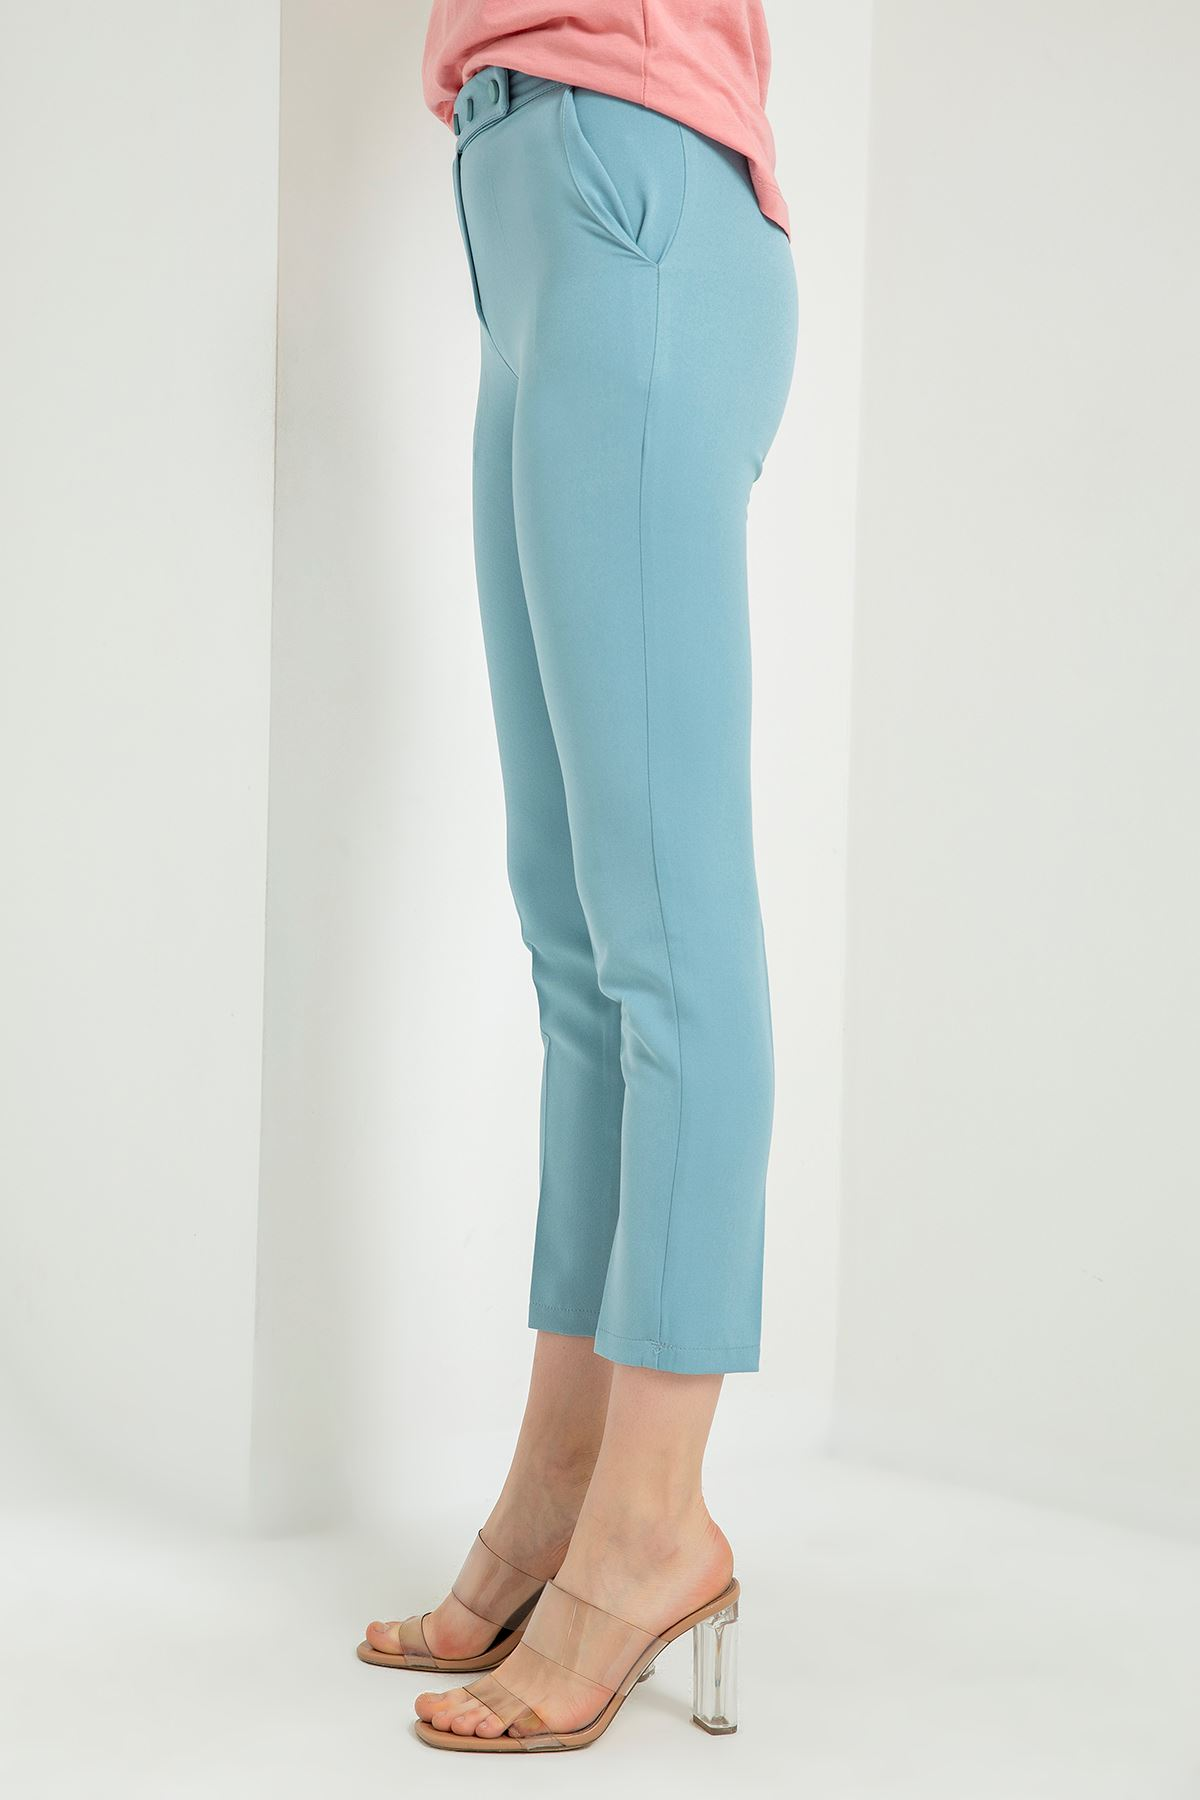 Beli Çıtçıtlı Kumaş Pantolon-Bebemavi